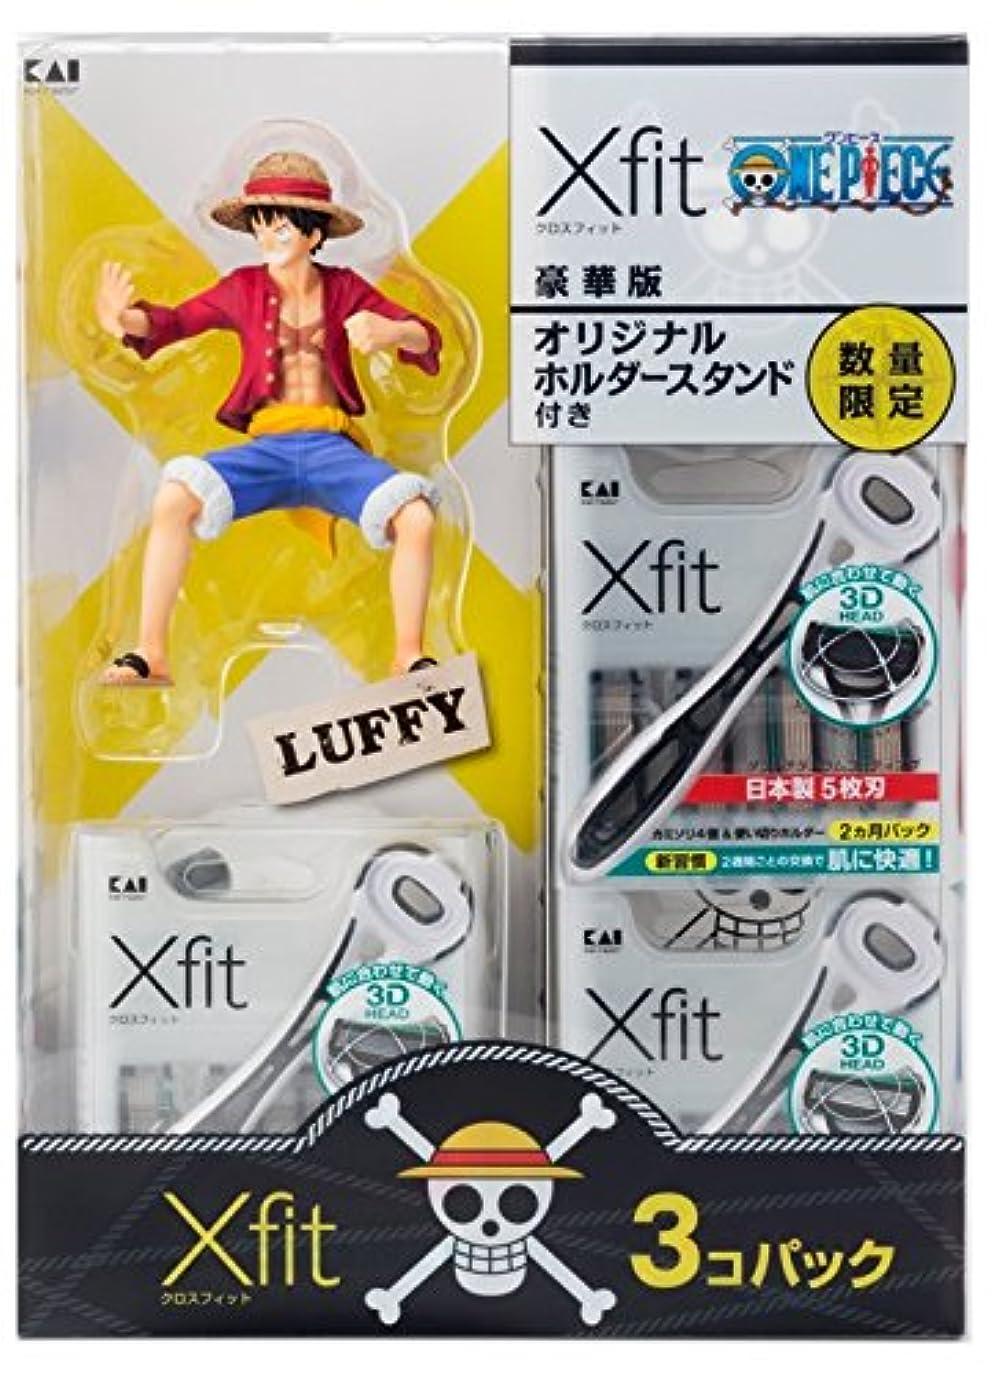 豚肉降下させるXfit(クロスフィット)5枚刃カミソリ ワンピース企画第1弾3コパック+オリジナルホルダースタンド(ルフィ)